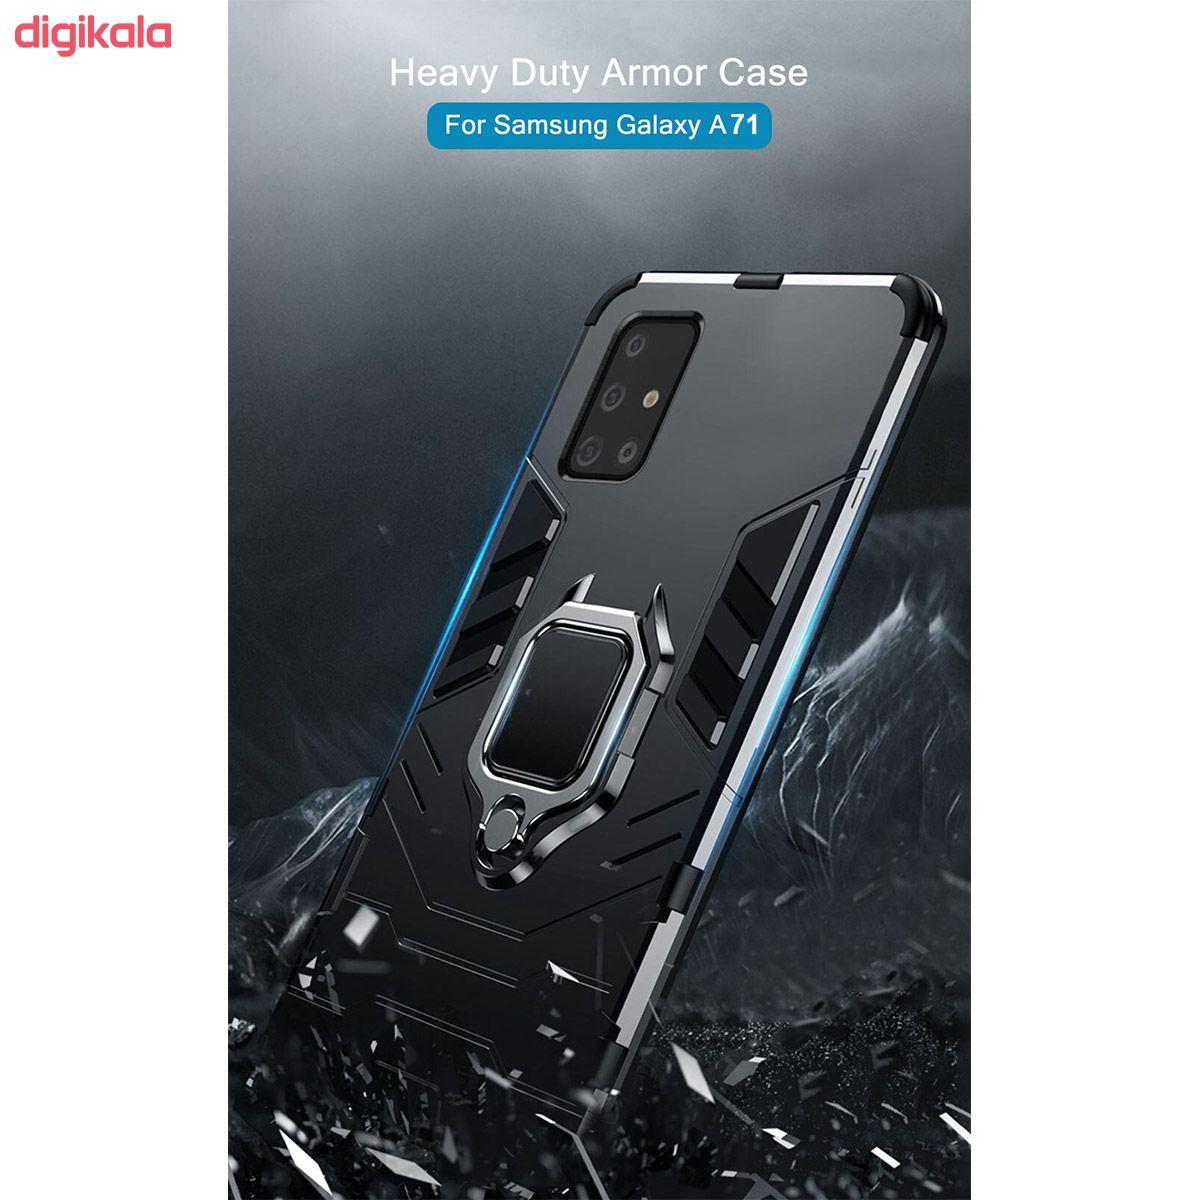 کاور سامورایی مدل ARC-2020 مناسب برای گوشی موبایل سامسونگ Galaxy A71 main 1 12